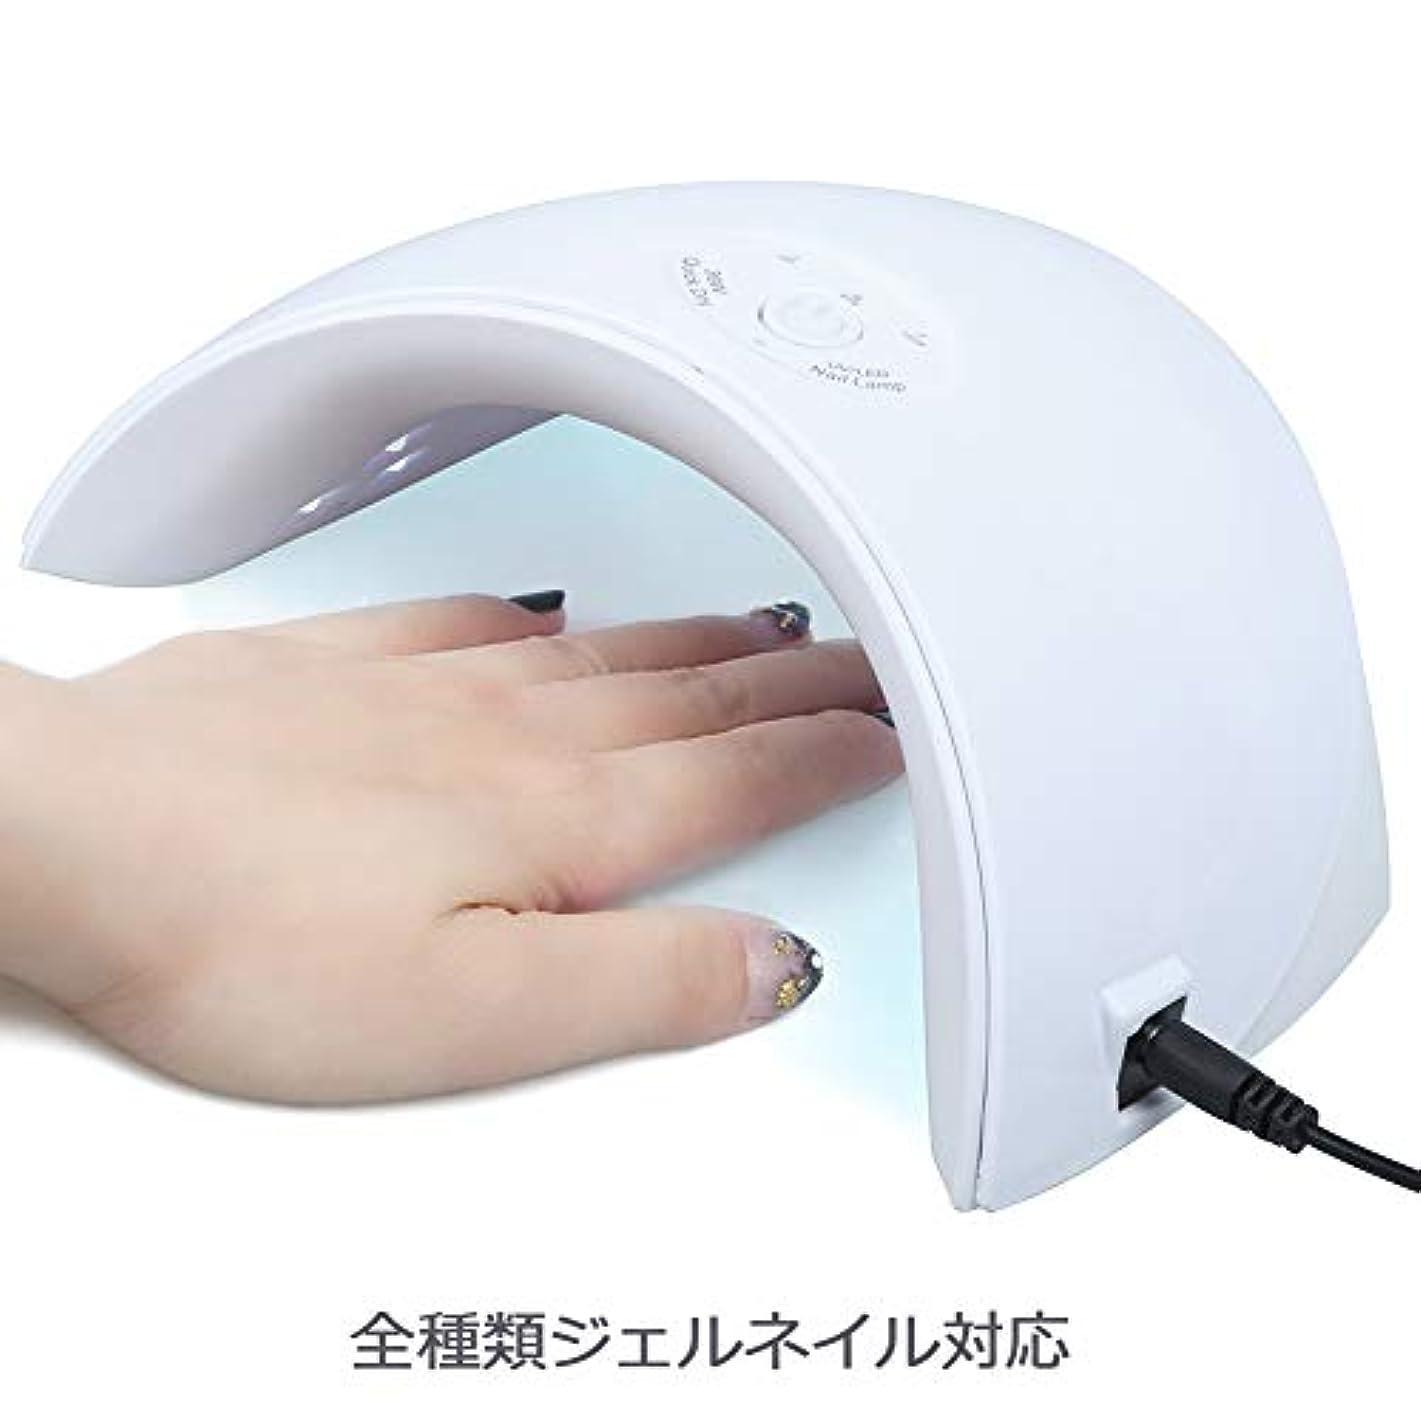 習慣引き渡す九Twinkle Store 36Wホワイト ネイルライト  硬化用UV/LEDライト ネイルドライヤー ネイル道具?ケアツール 硬化用ライト マニキュア ネイルアートツール